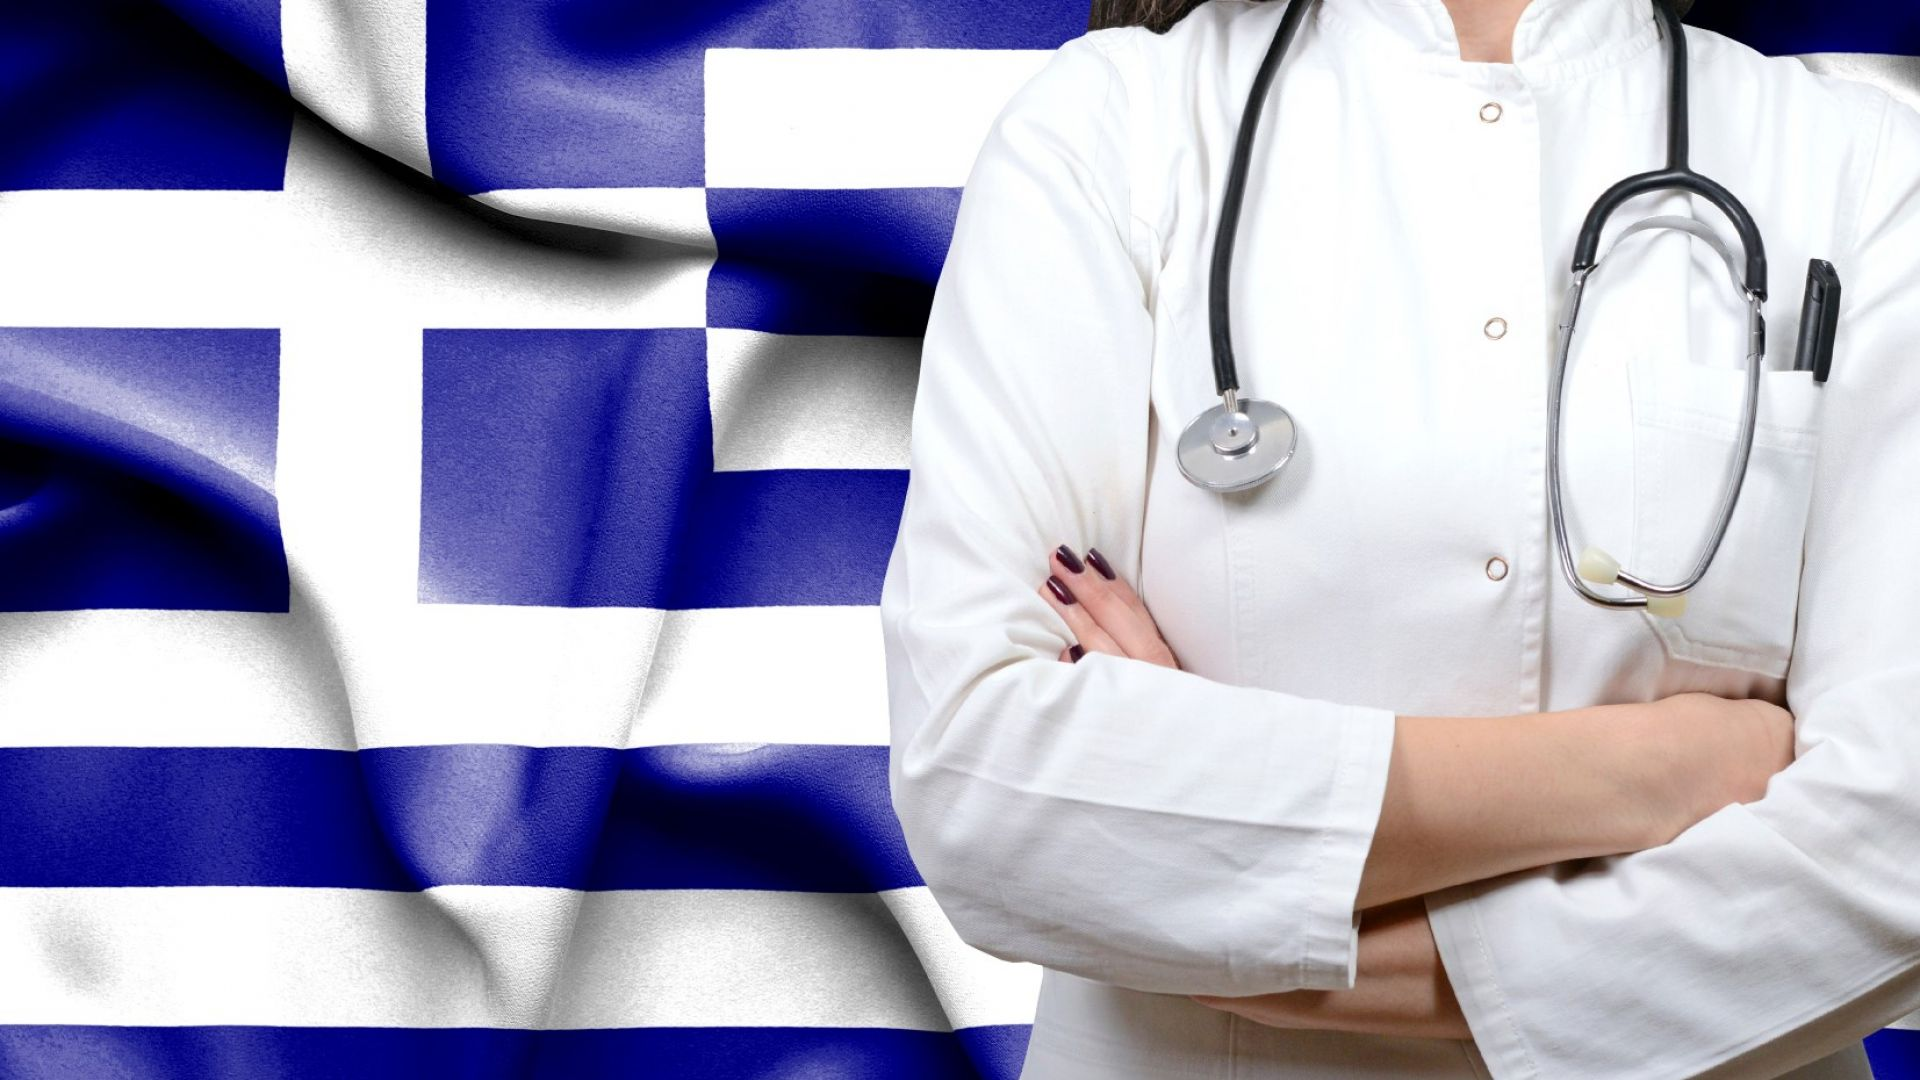 Арестуваха българки, работили незаконно като медсестри в Атина